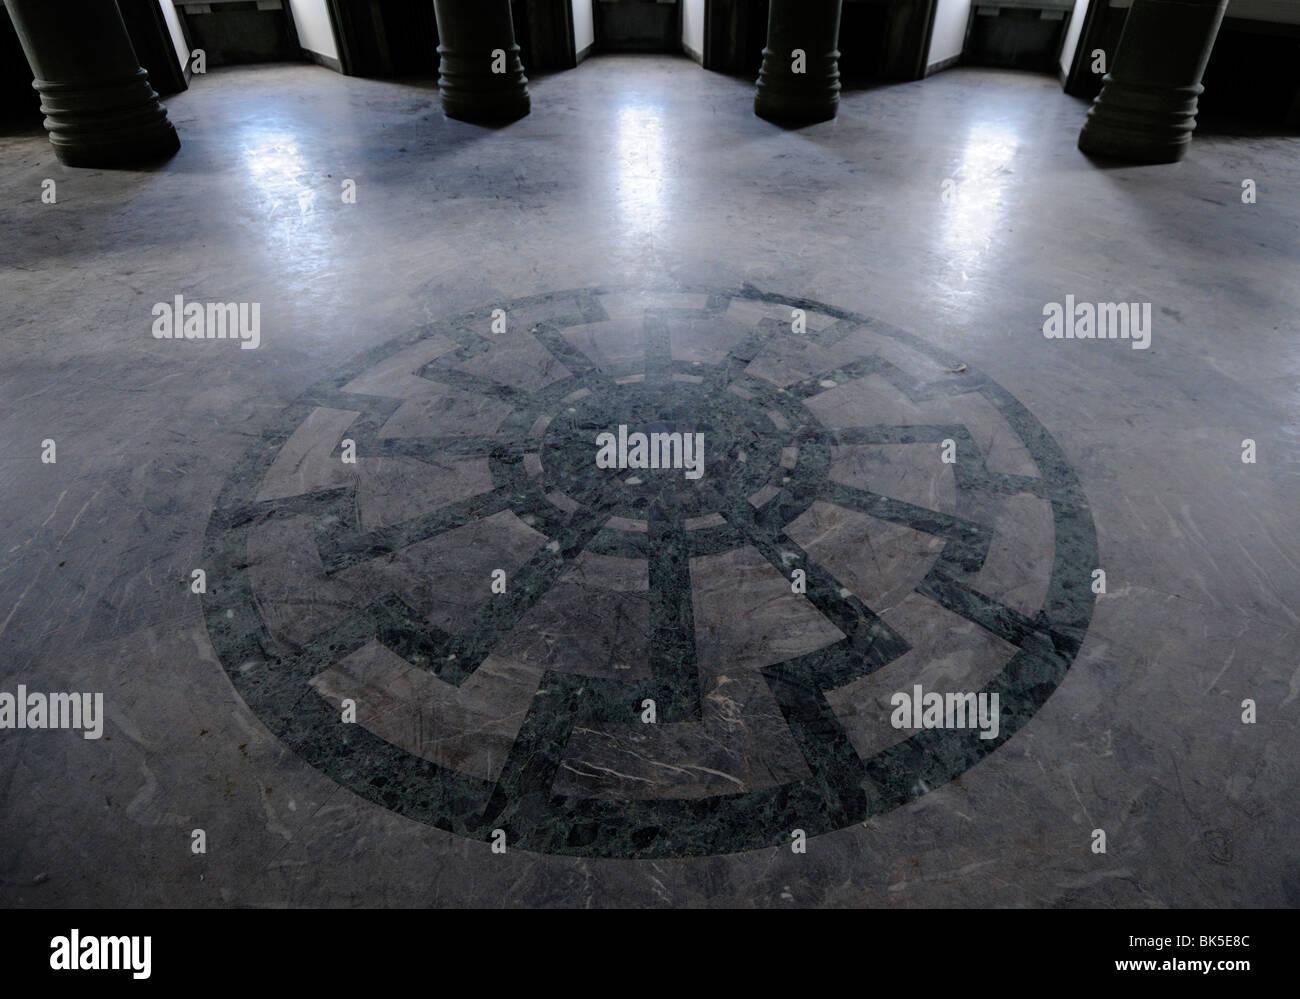 Okkulte Symbol der schwarzen Sonne in den Boden der Halle SS Generäle, Schloss Wewelsburg, Deutschland Stockbild